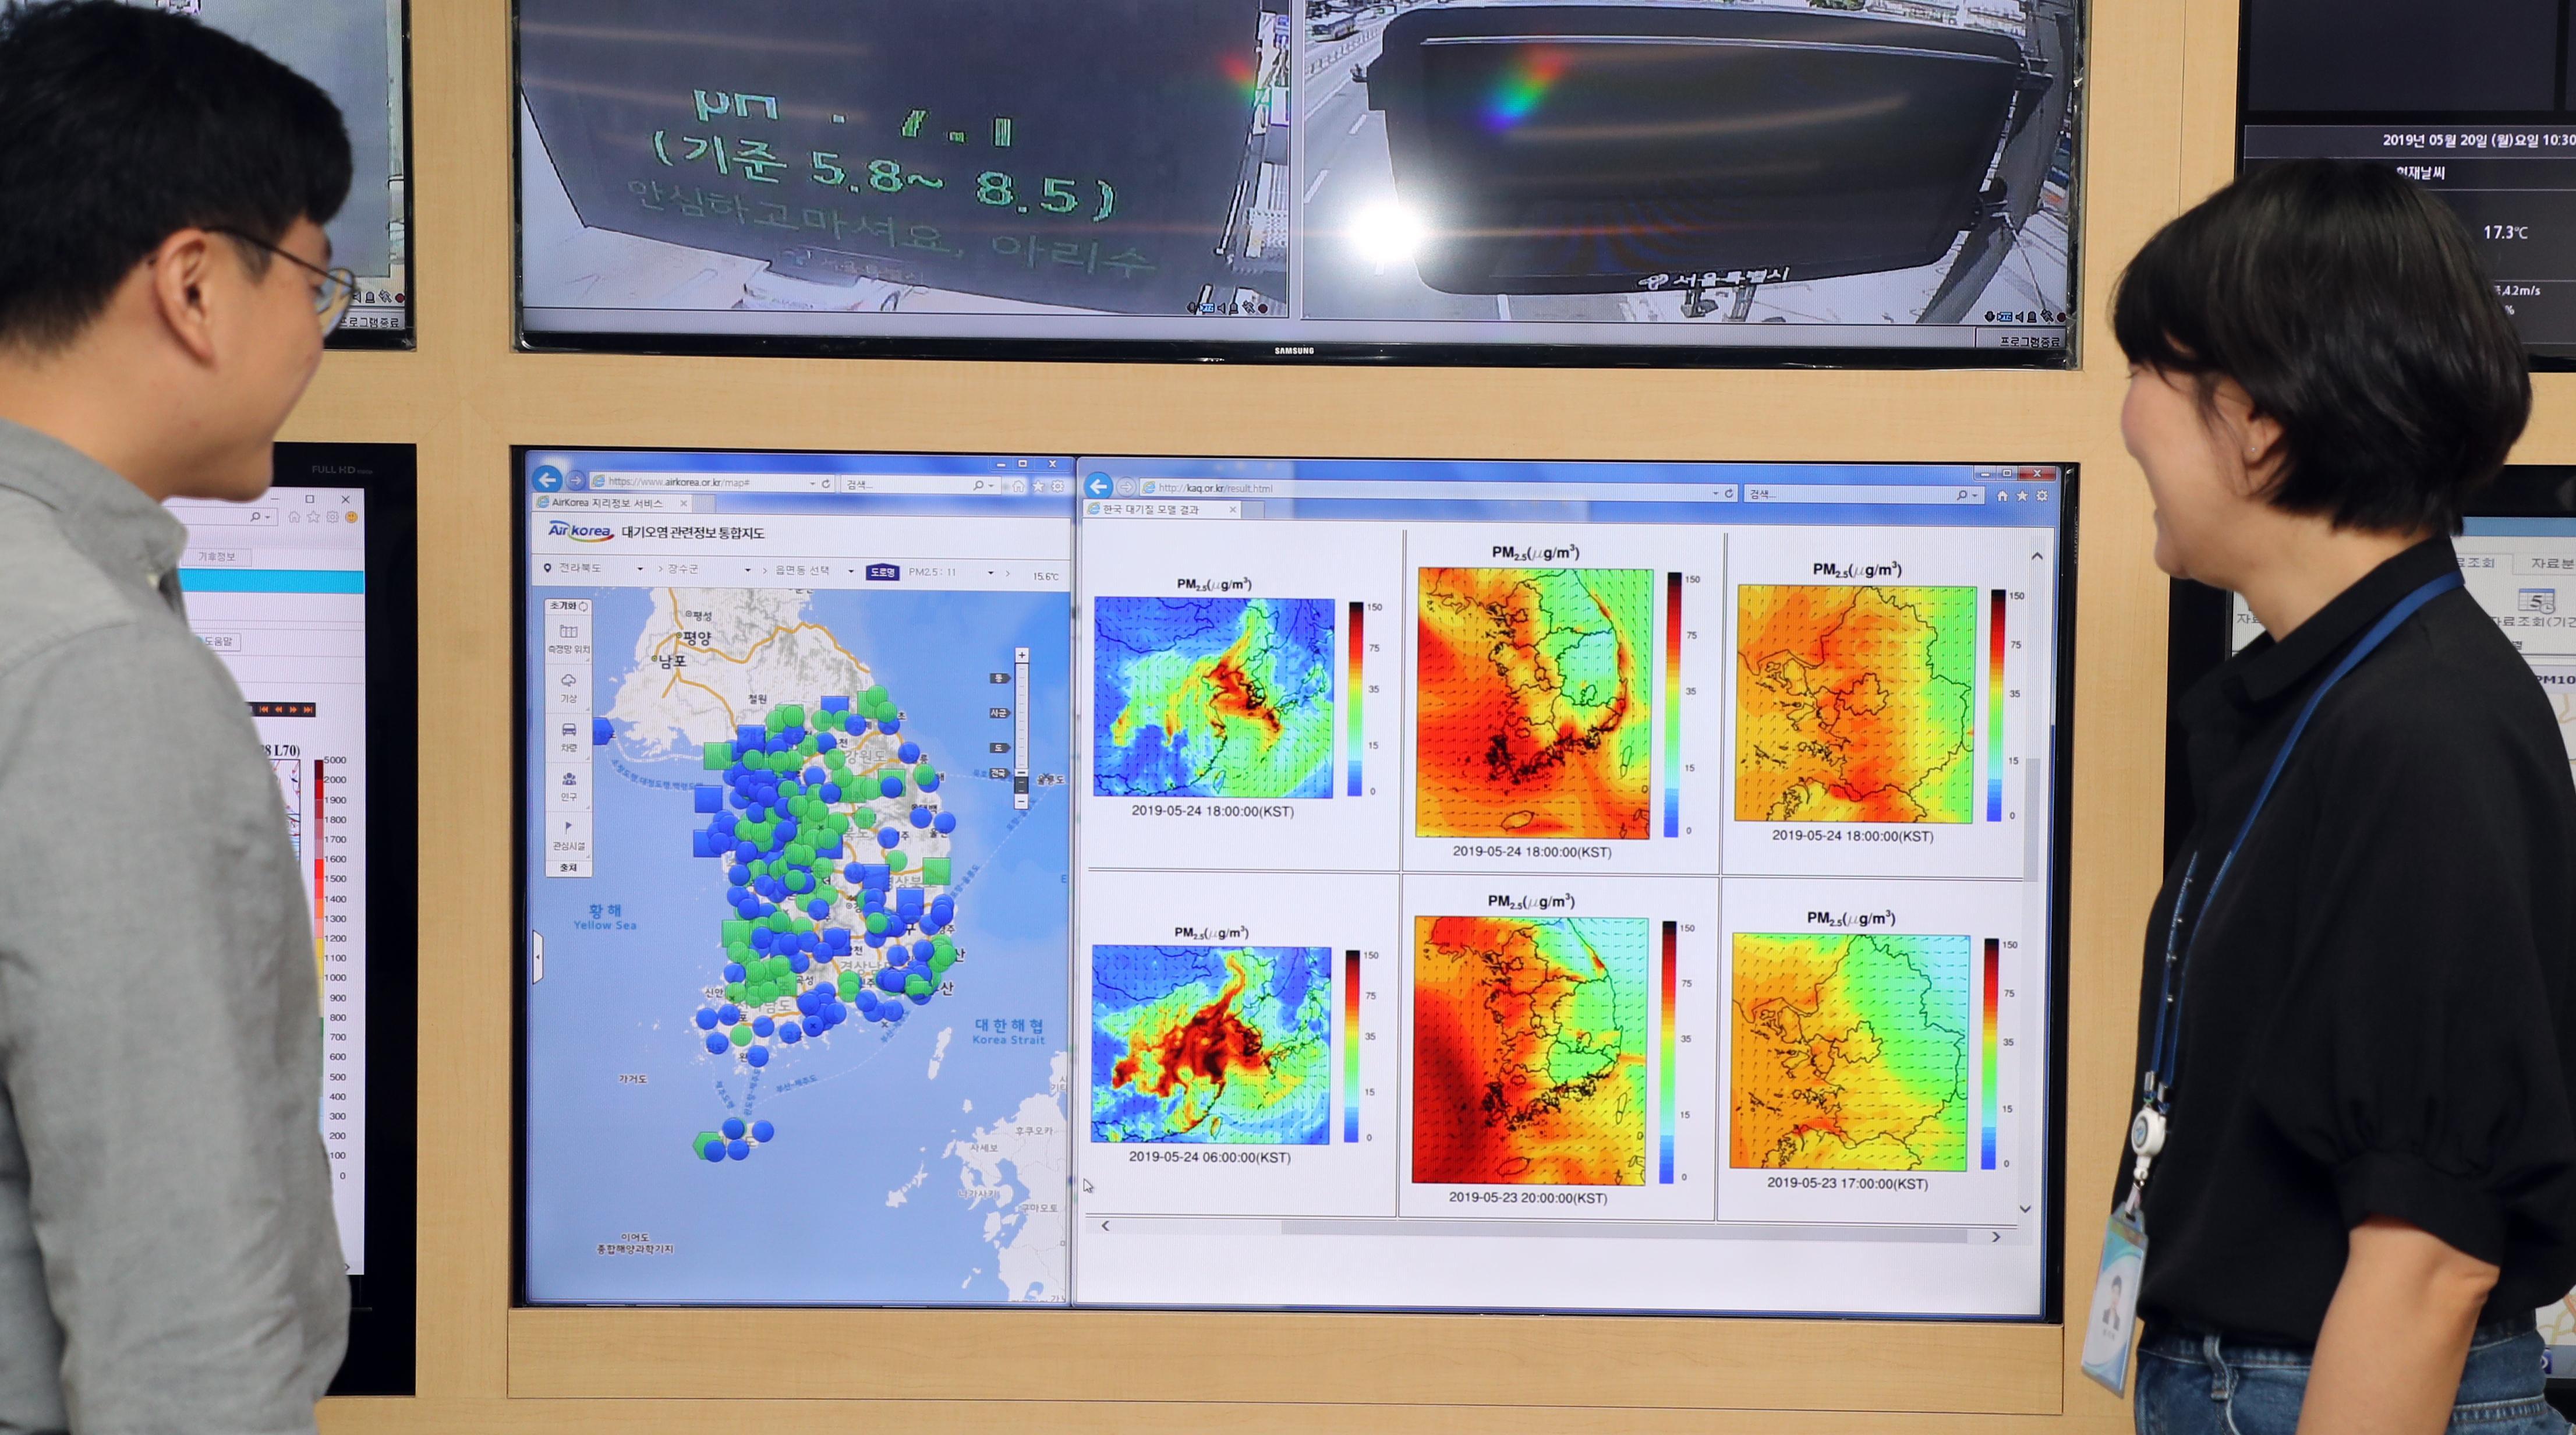 首尔市雾霾研究所揭牌成立